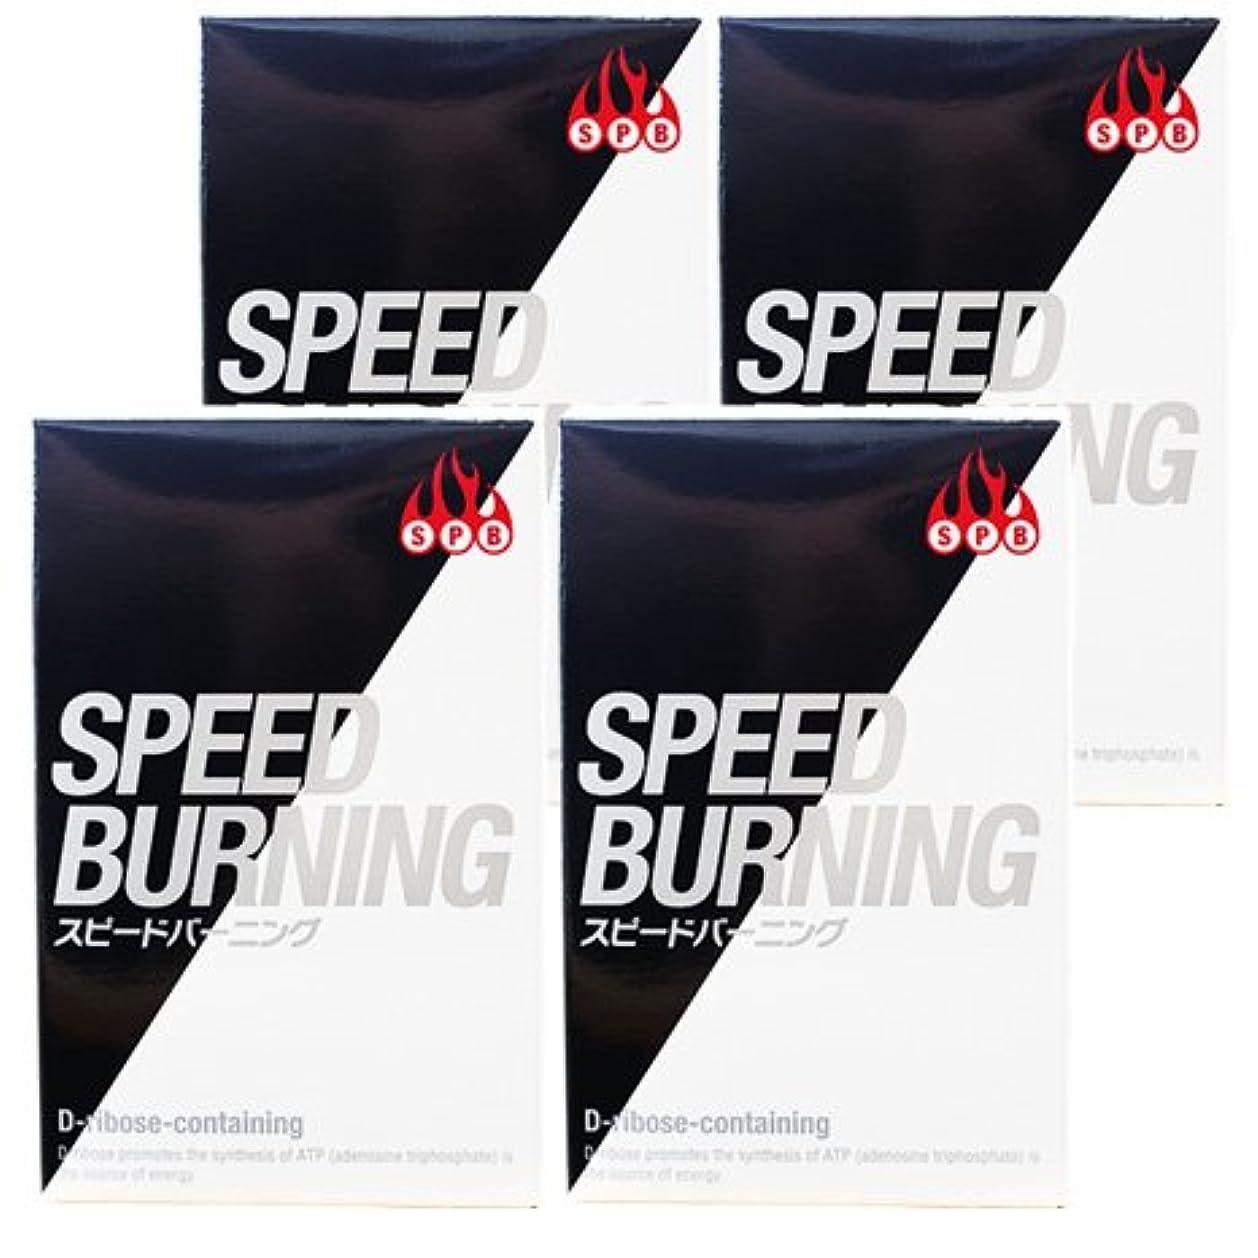 スピリチュアルはがきぐったりスピードバーニング SPEED BURNING×4個